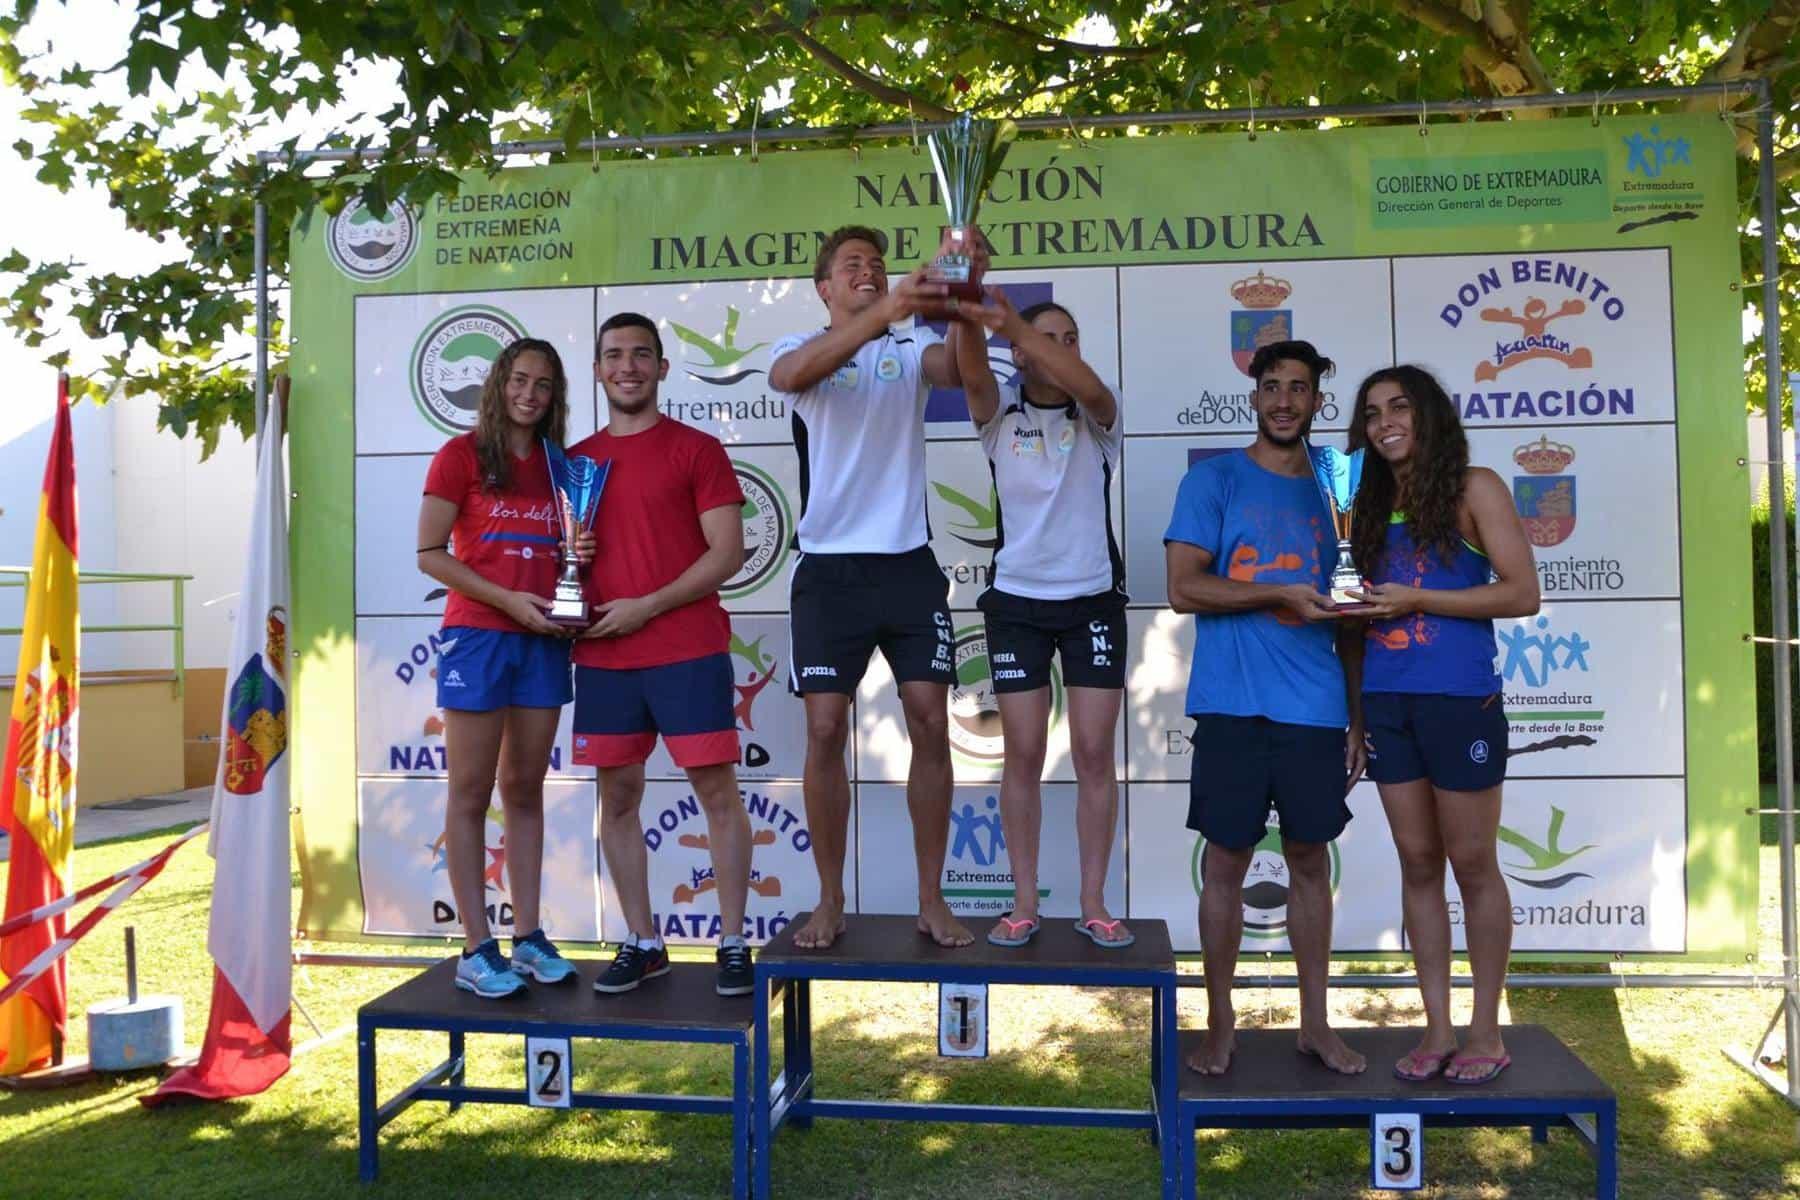 El cn badajoz vence en el regional de verano badajoz for Piscina don benito